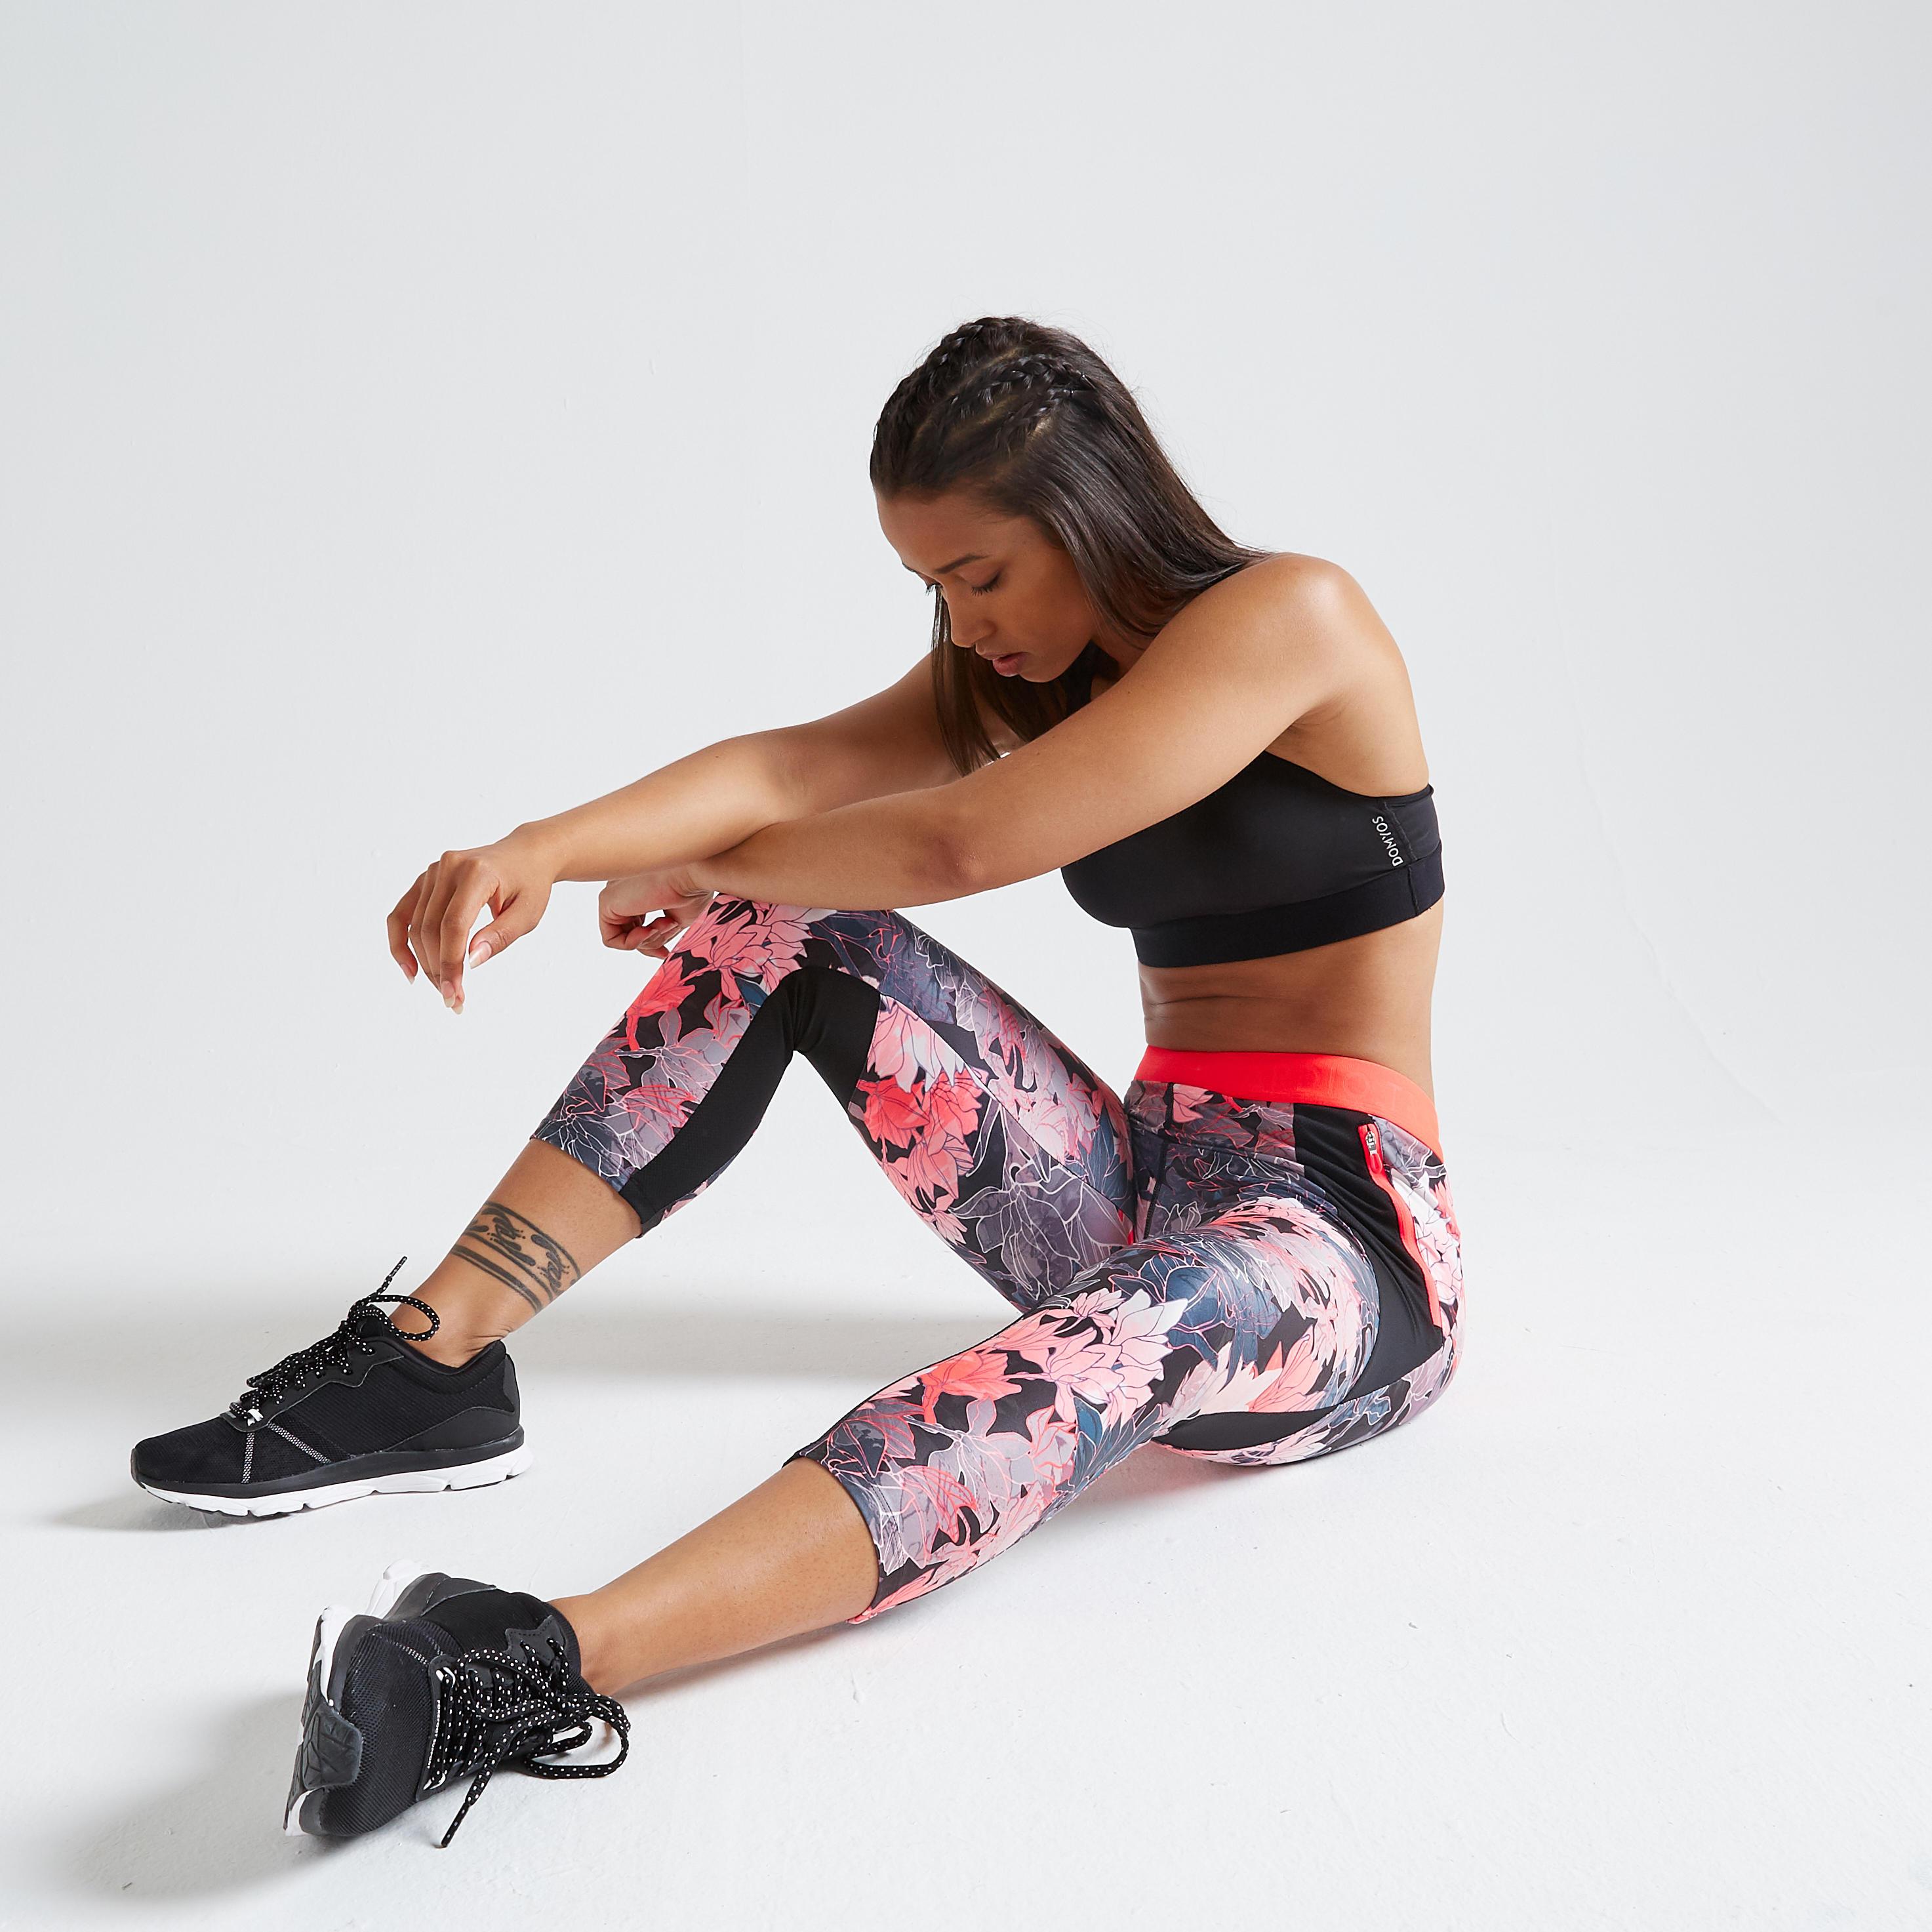 Domyos Fitness Legging 7 8 500 Voor Dames Blauw Met Groene Decathlon Nl